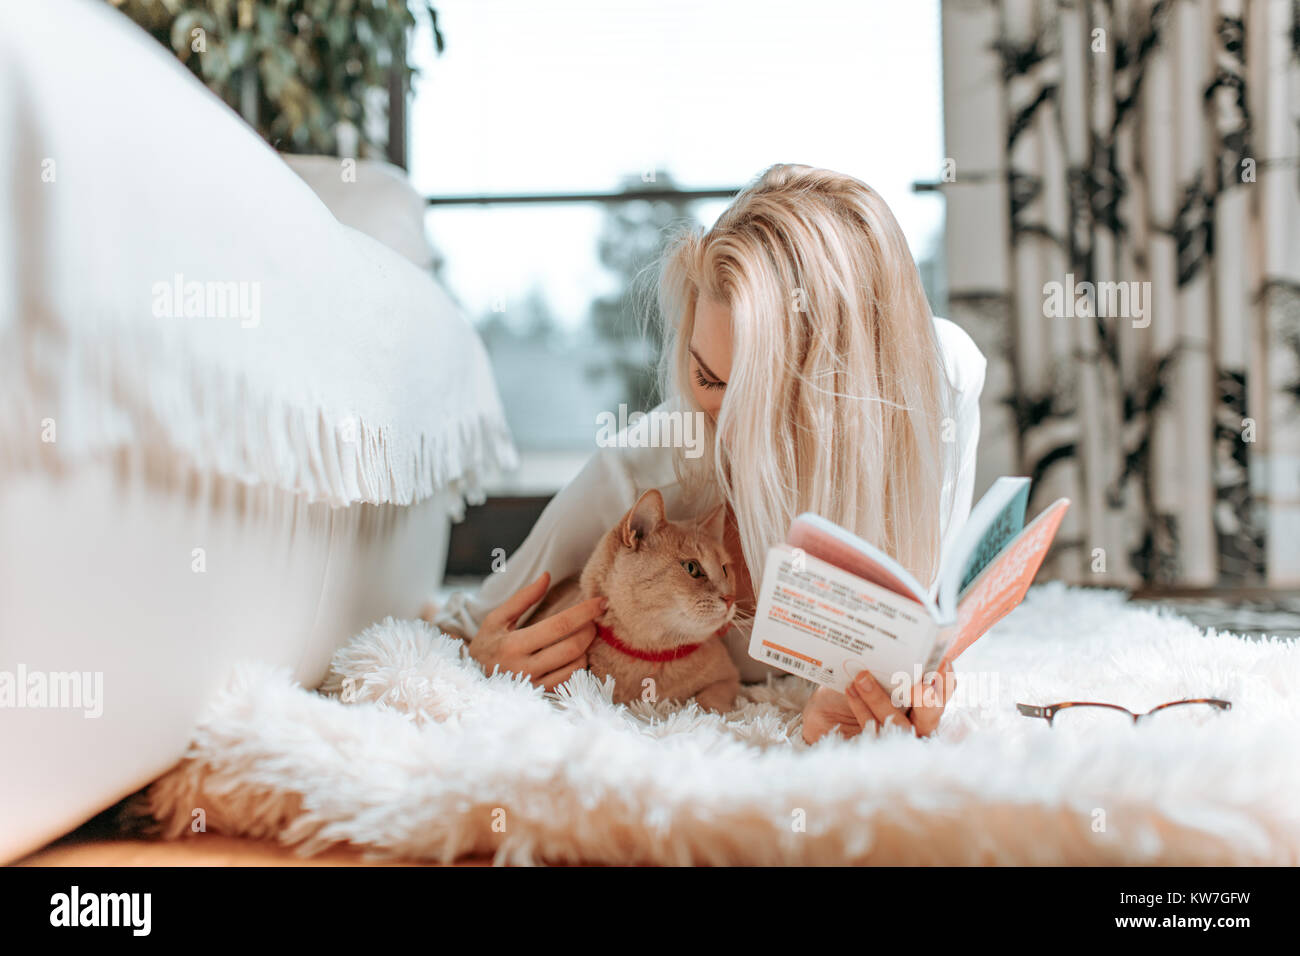 Hermosa joven rubia estudiante, estudiar o leer un libro fascinante novela, en ella, un sofá de cuero blanco Imagen De Stock